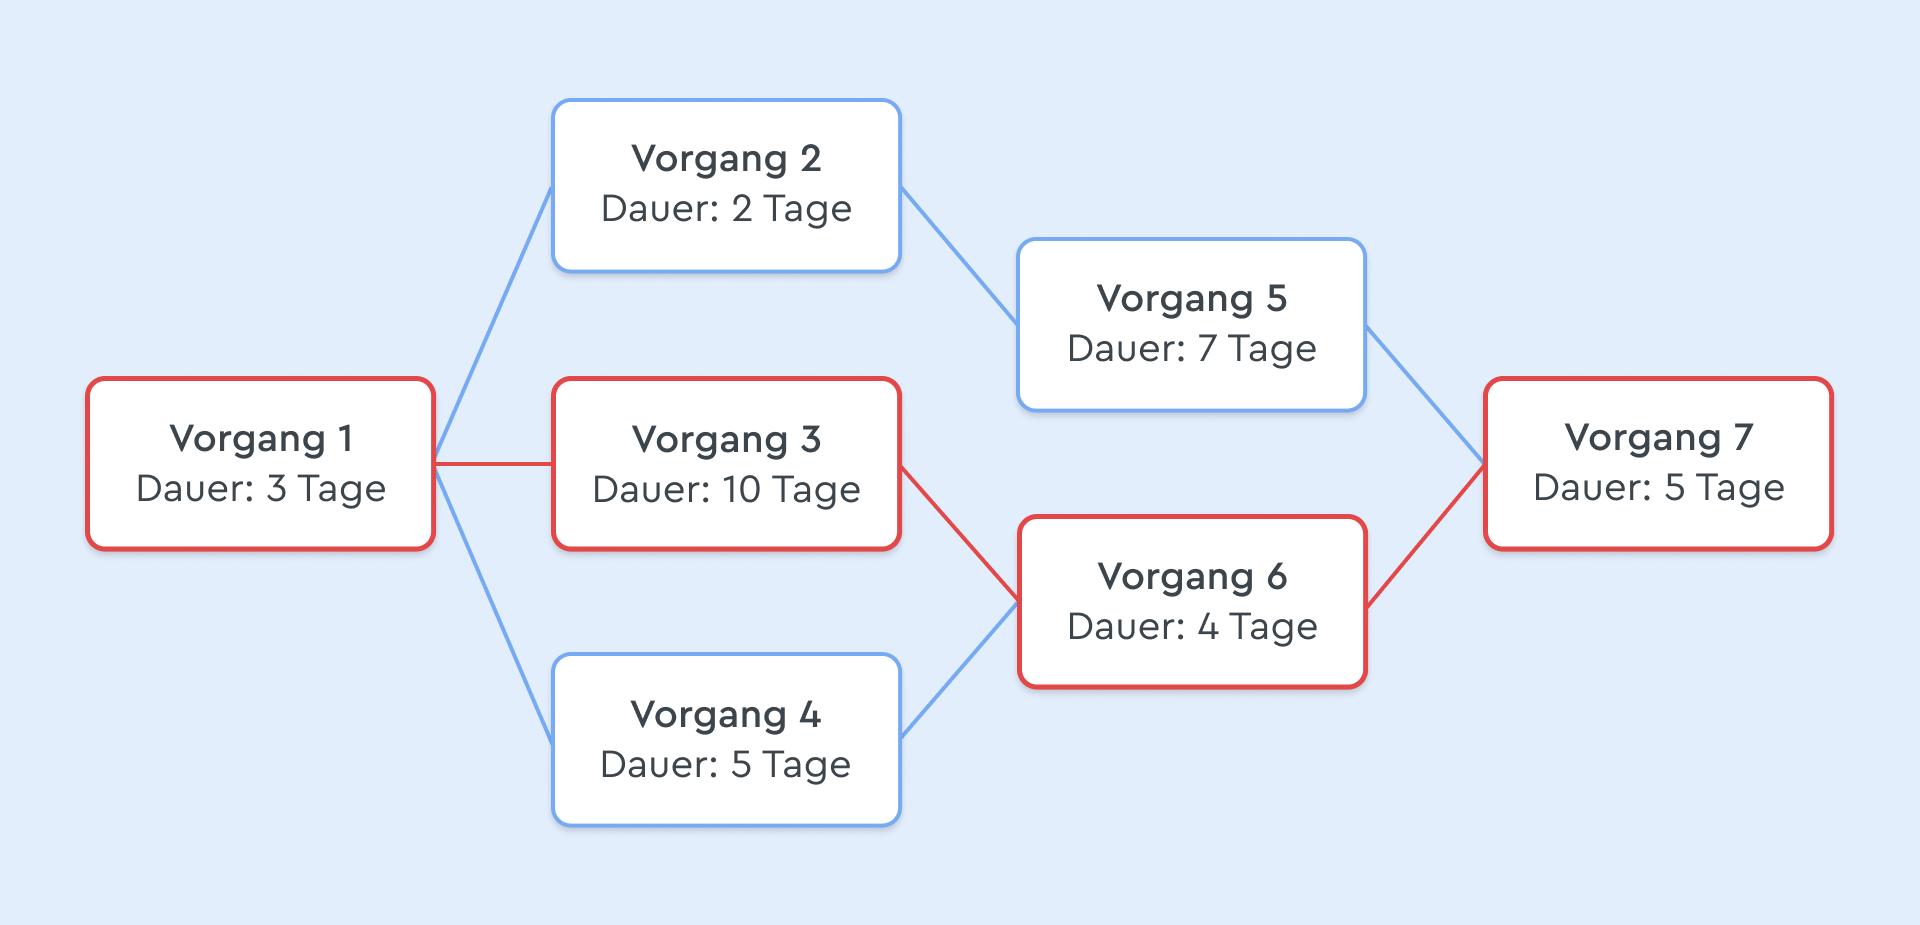 Ein typischer Netzplan in der Netzplantechnik